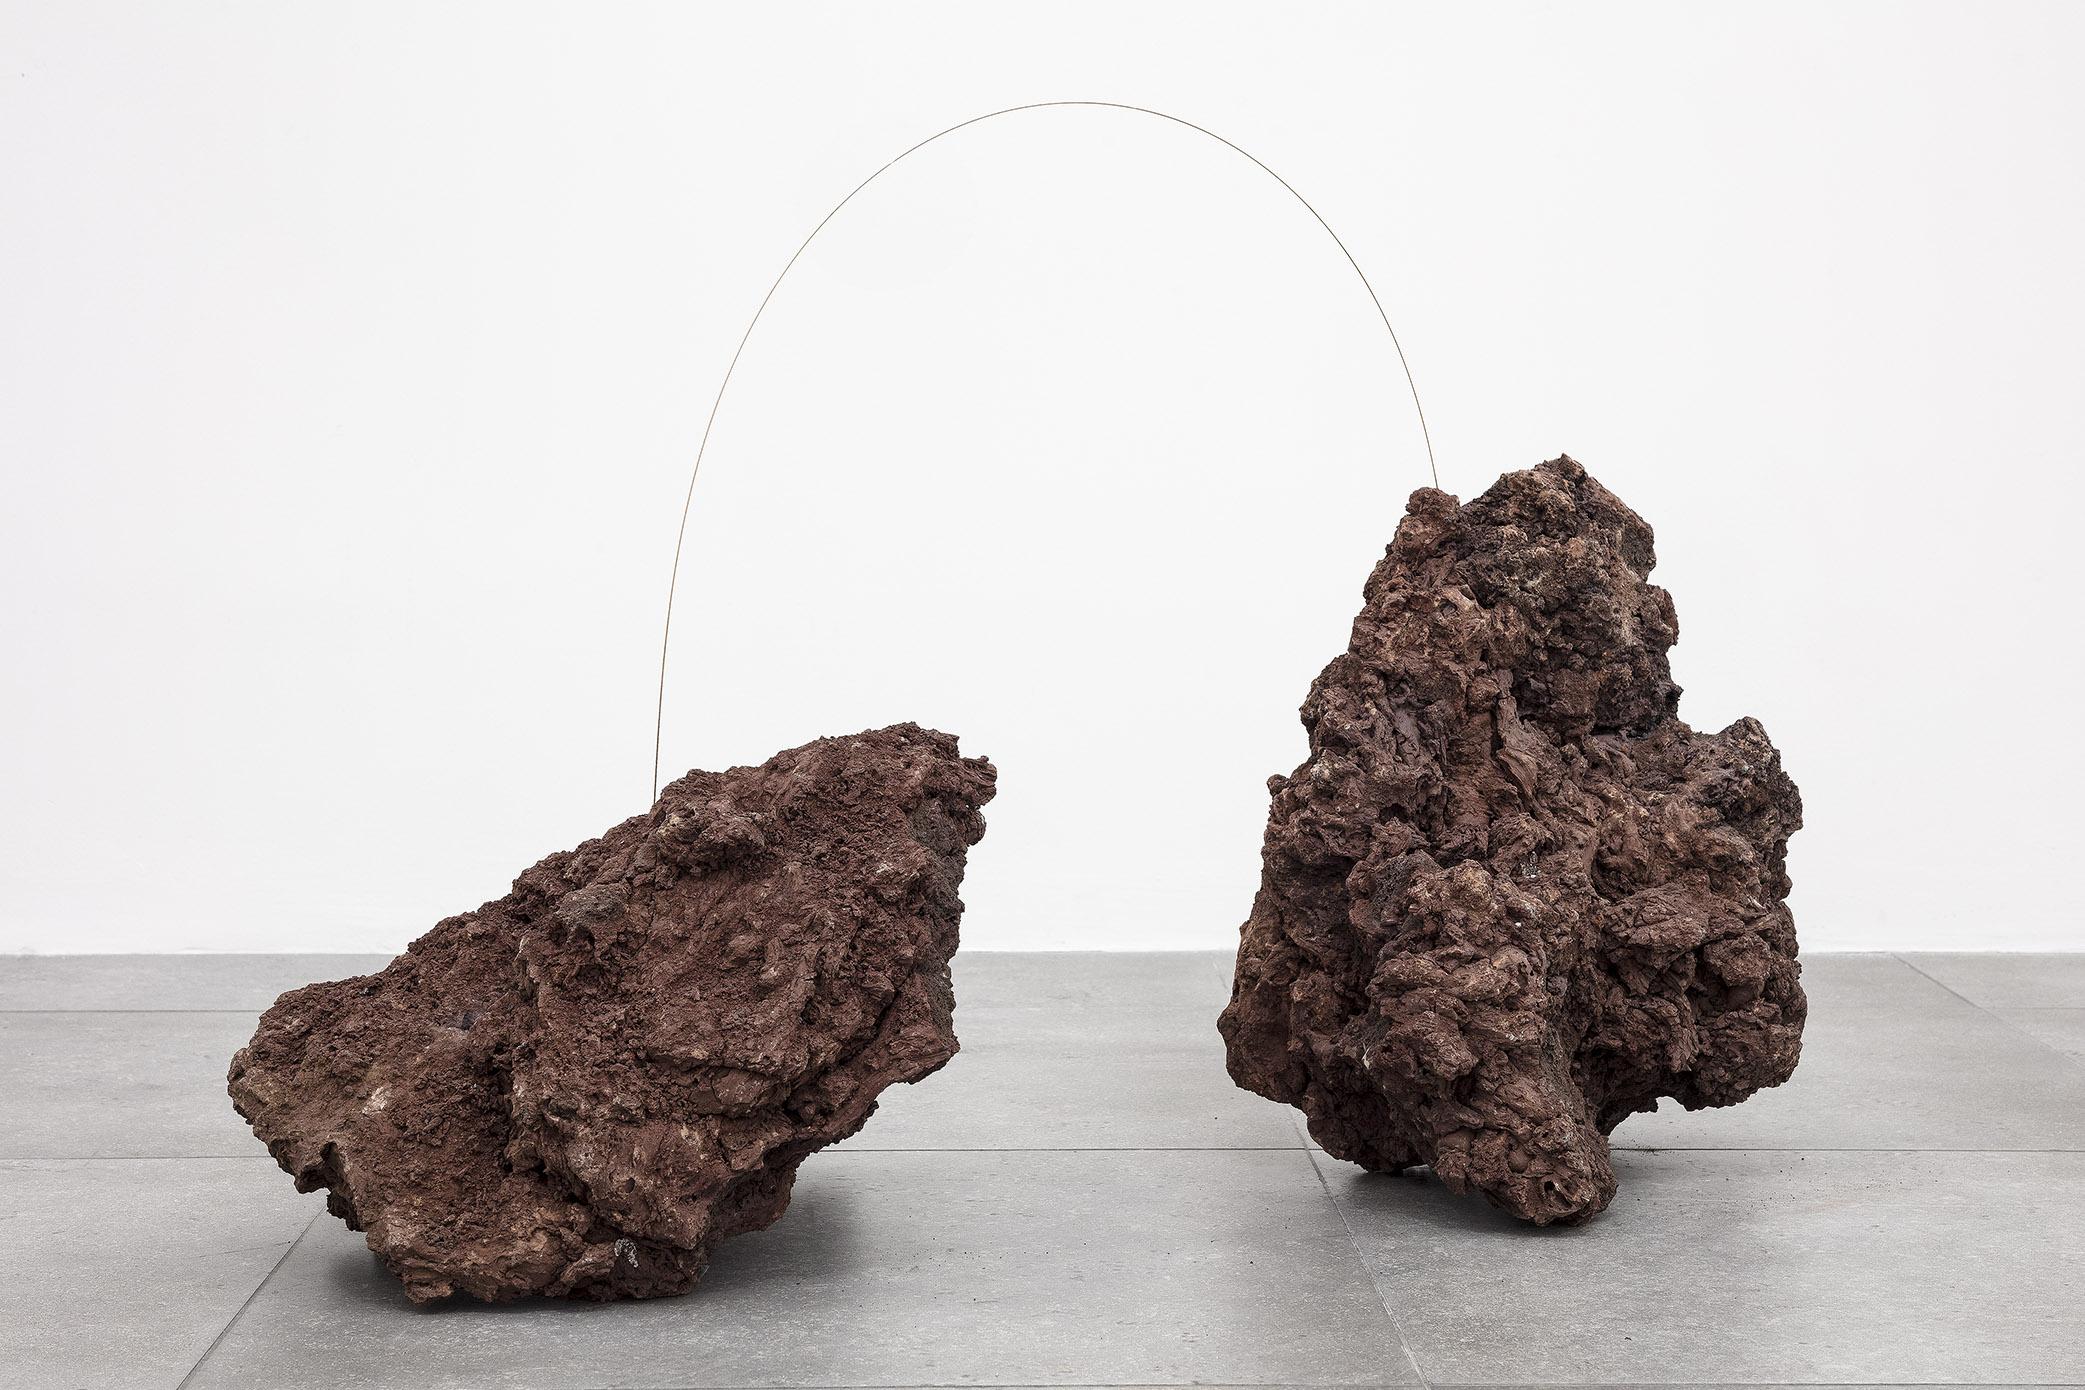 L'energia delle comete, la potenza vitale dei metalli. Intervista a tutto campo a Joana Escoval